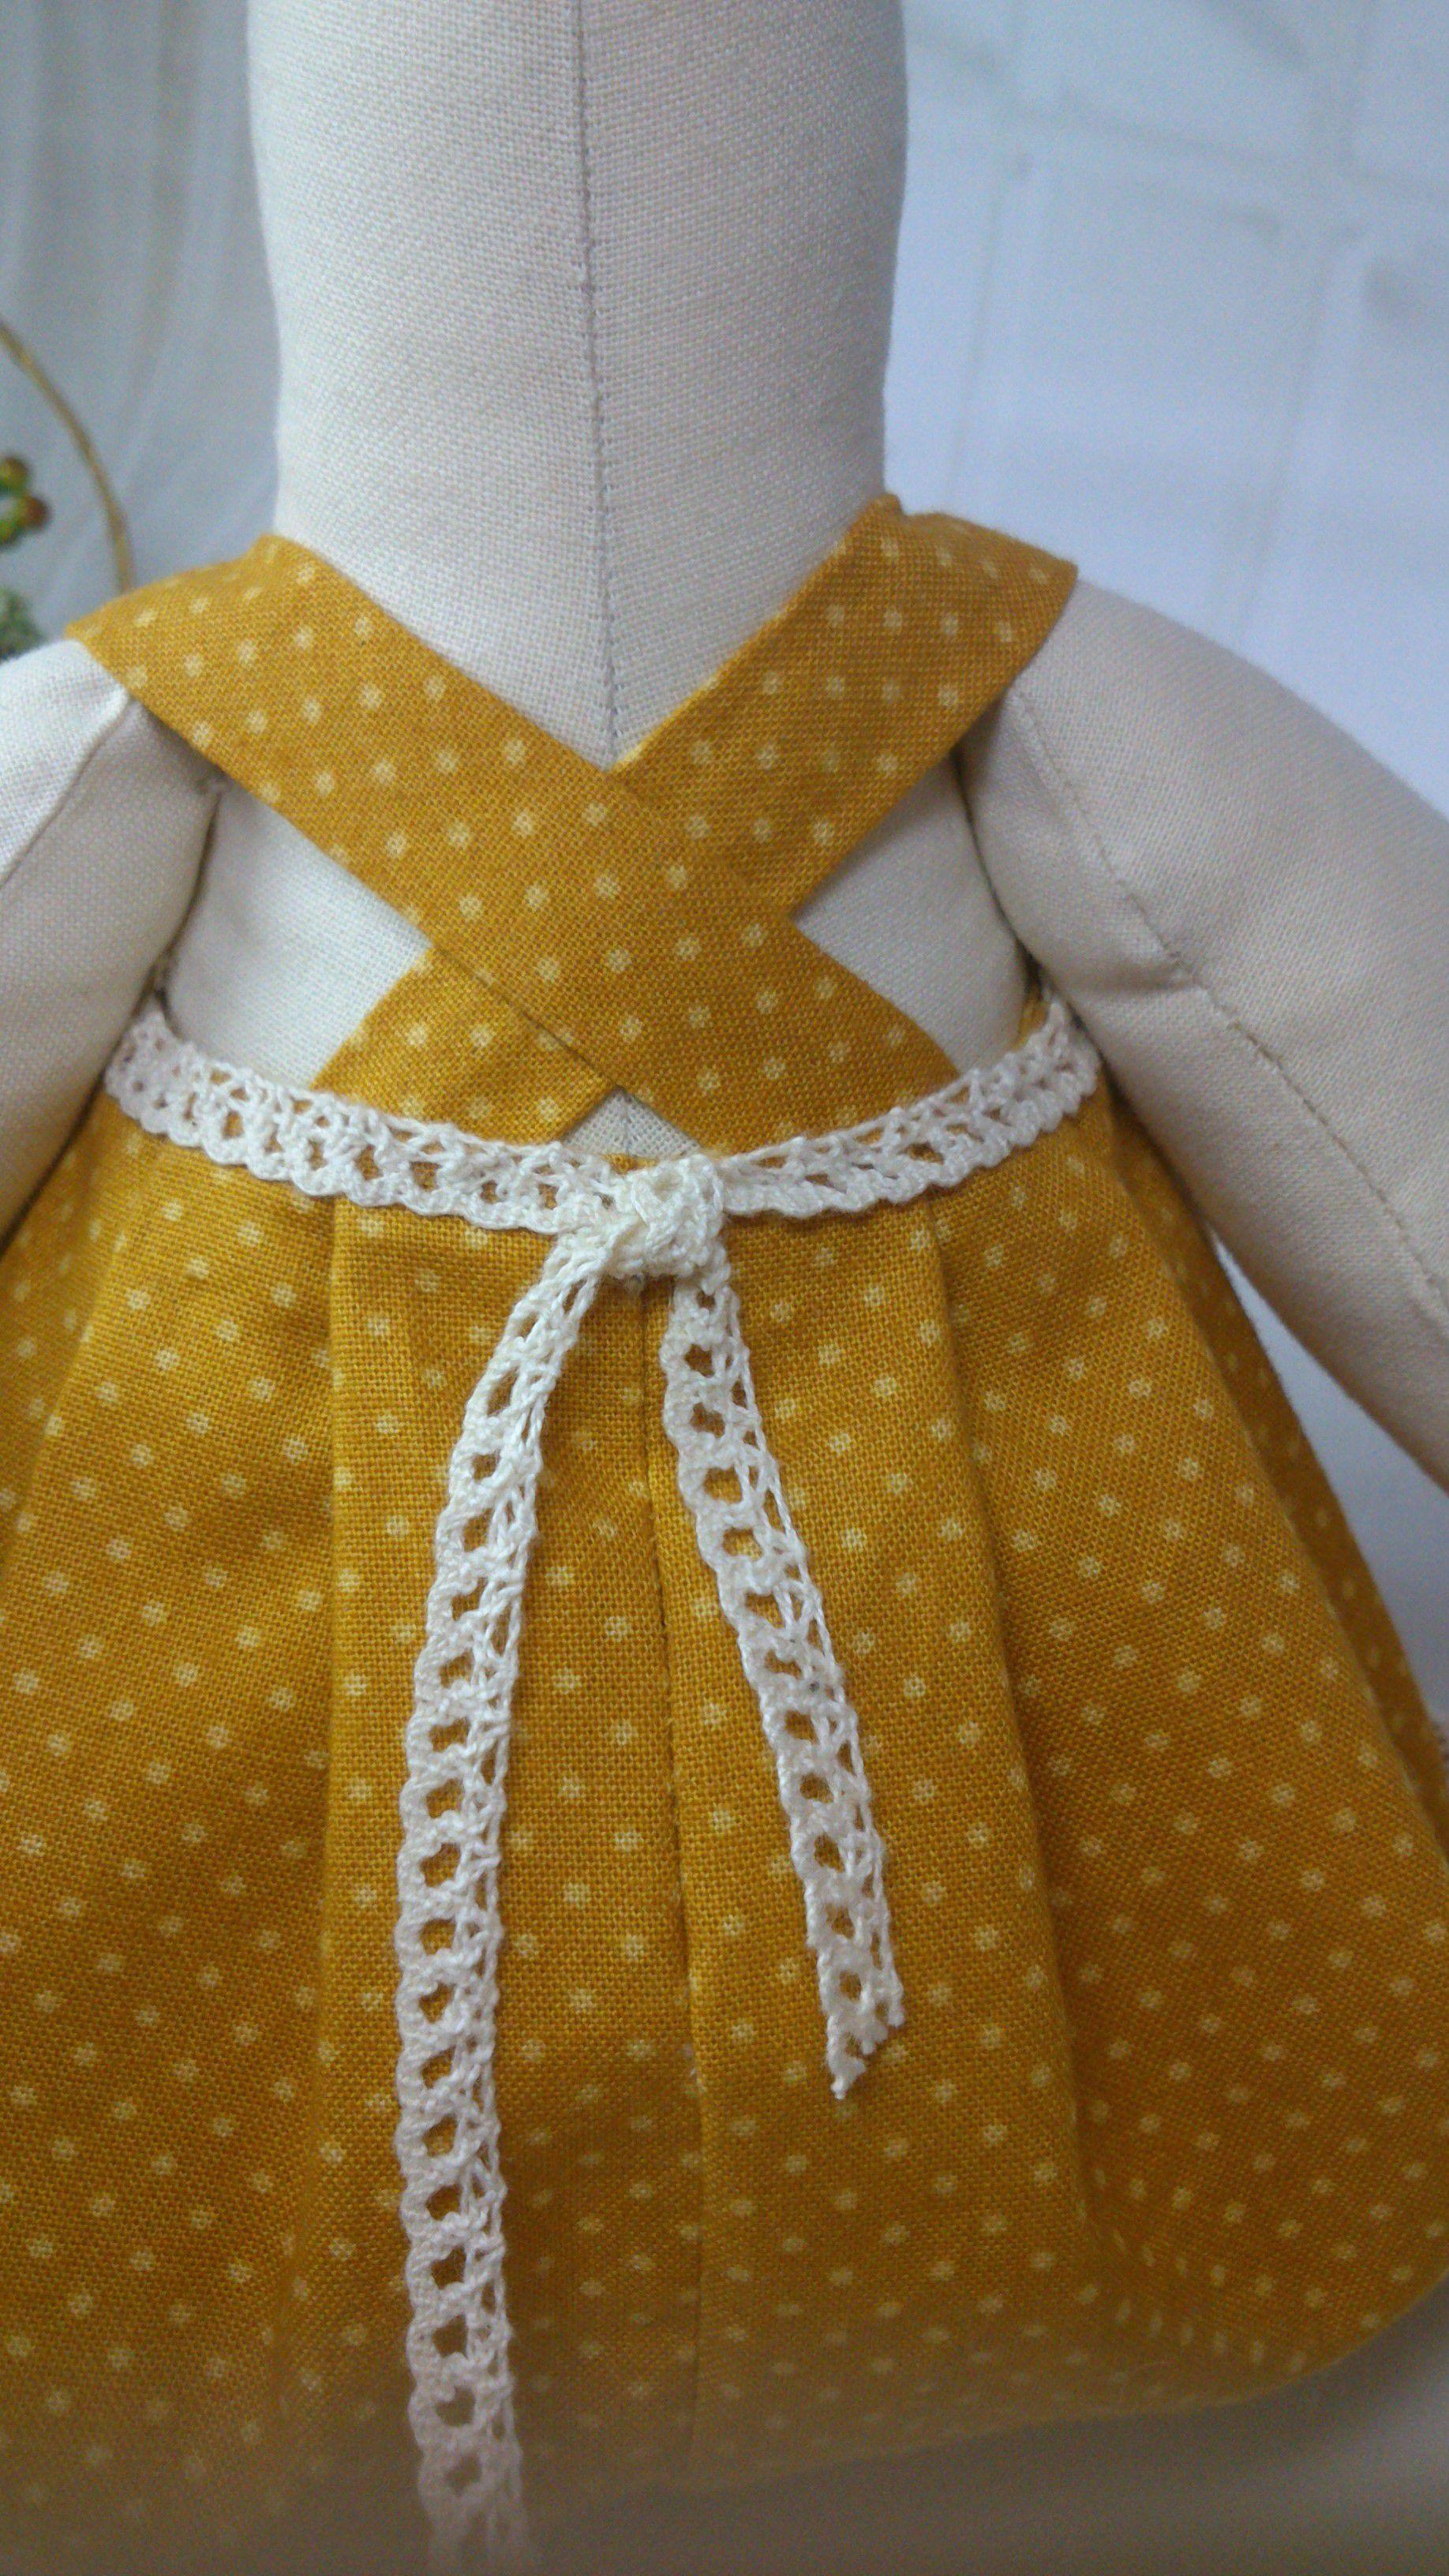 курица интерьерная курочка тильда петух кукла текстильная петушок